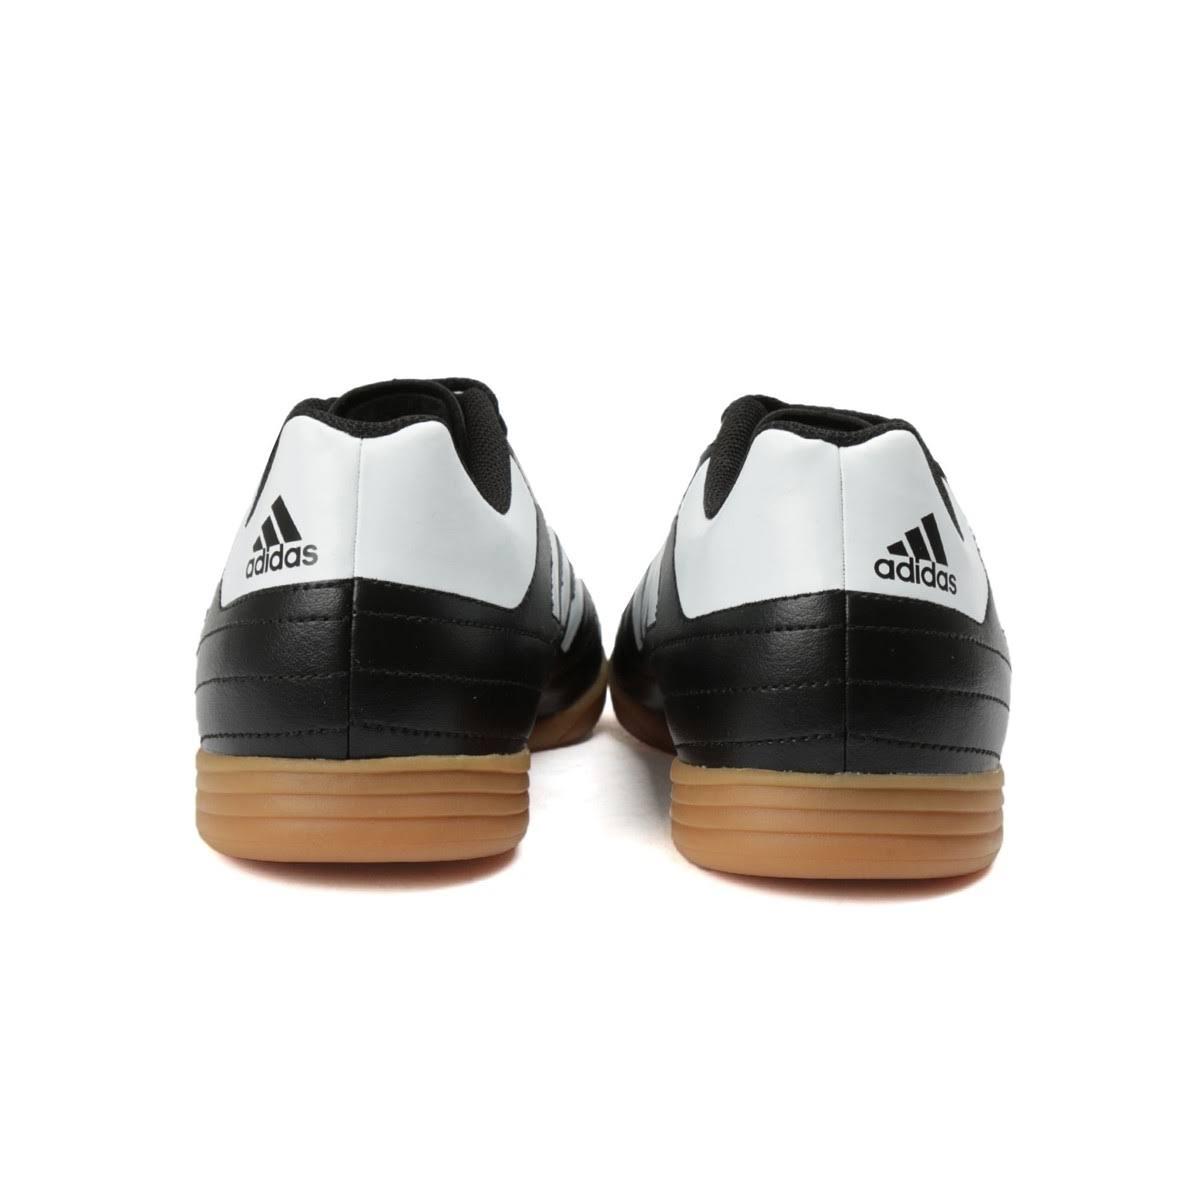 40½ In Goletto Adidas Ayakkabi Vi Aq4289 Futsal Futbol 0ASn6BUS